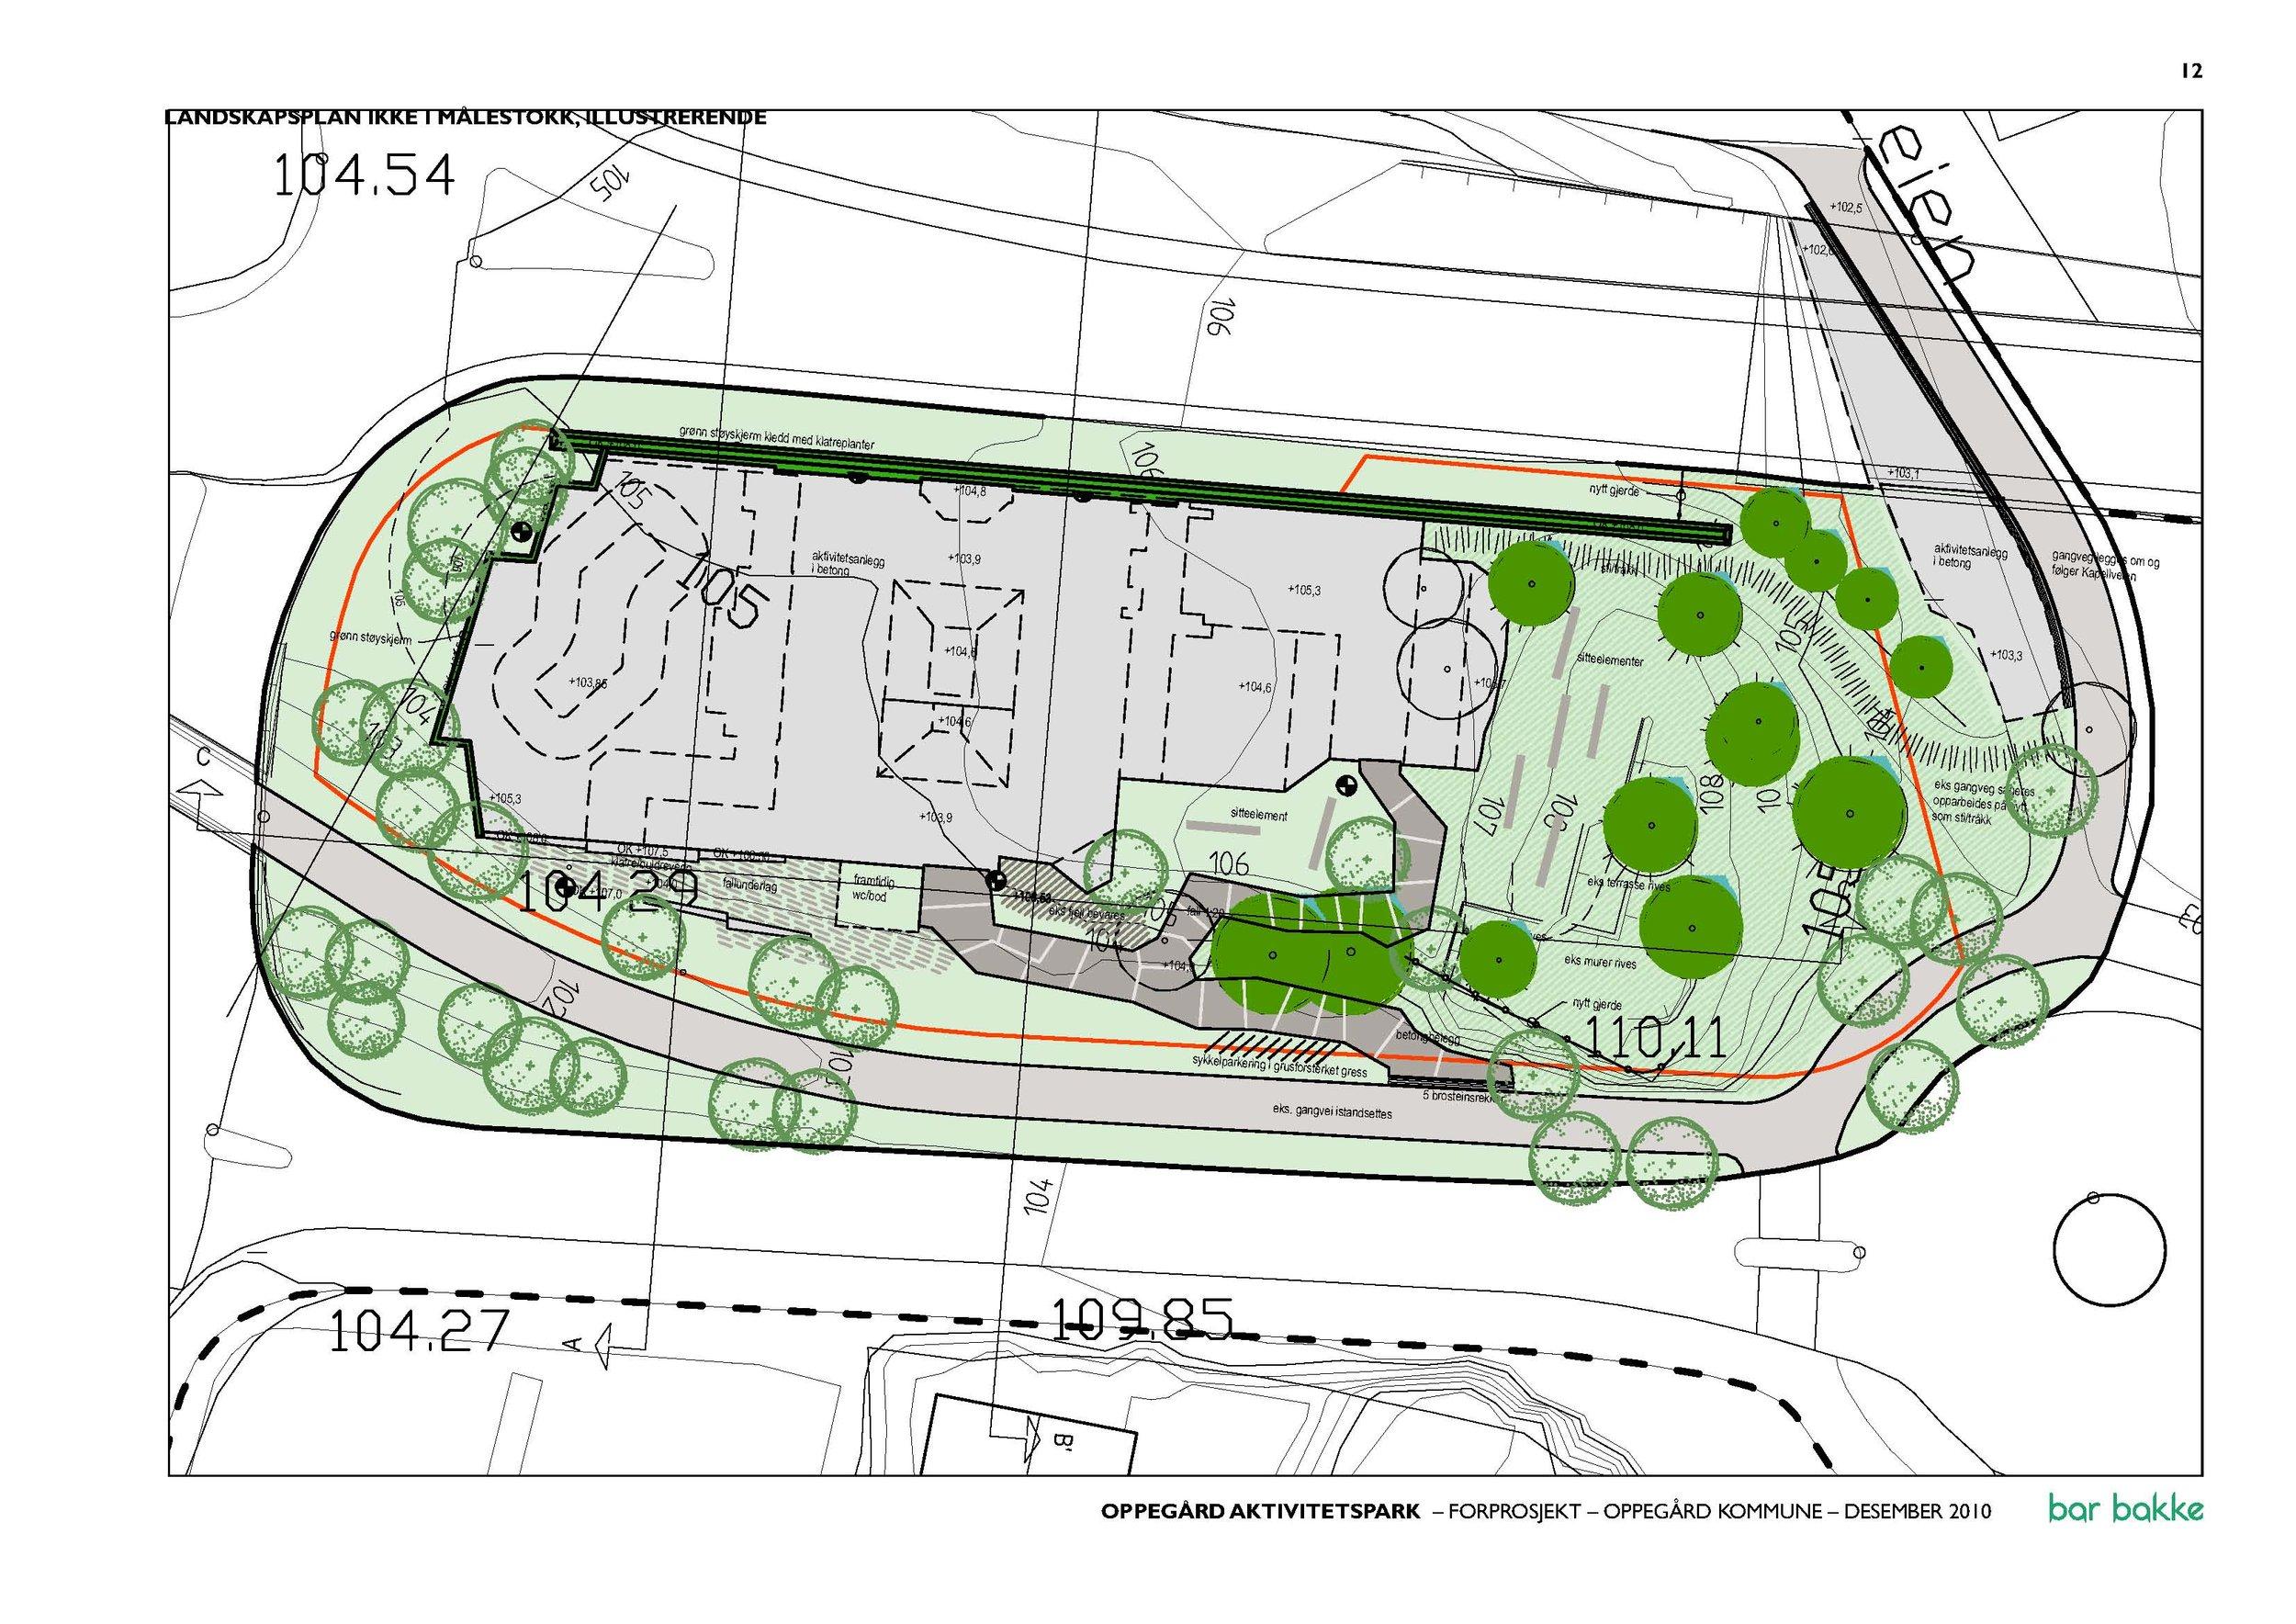 Forprosjekt Oppegård aktivitetspark skjerm 12.jpg